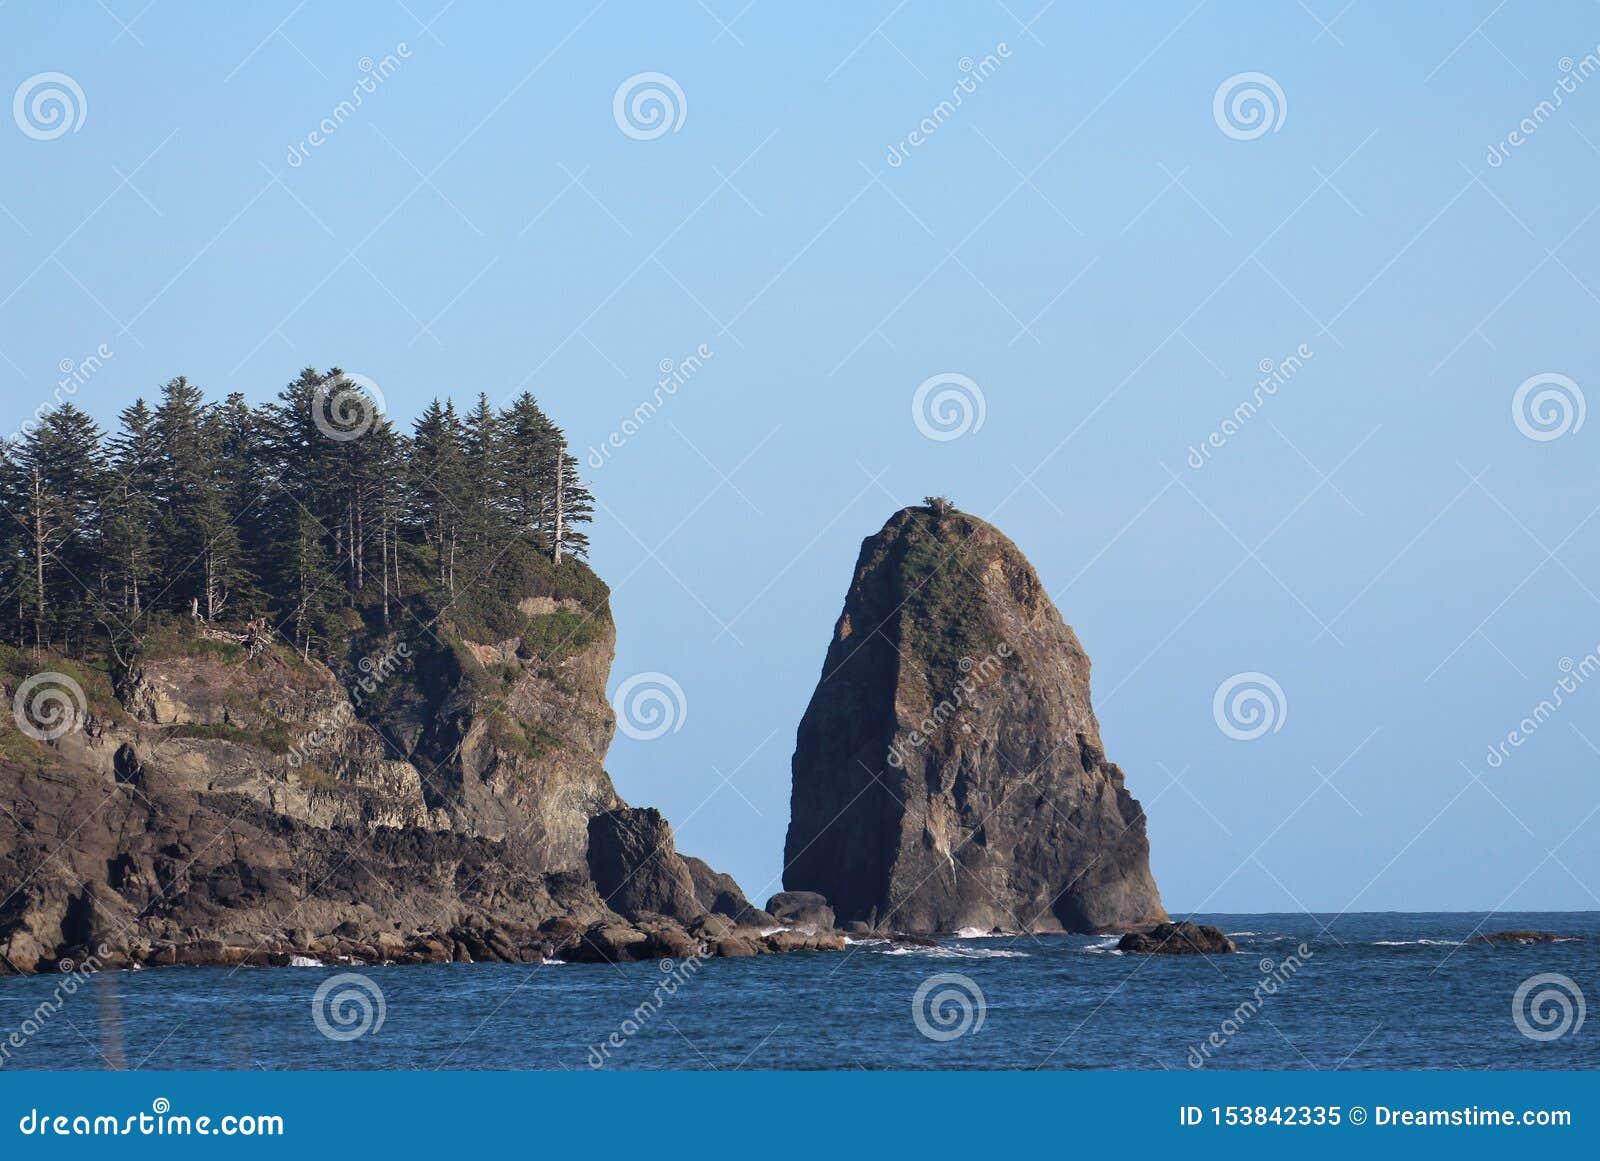 De kustlijn van de staat van Washington